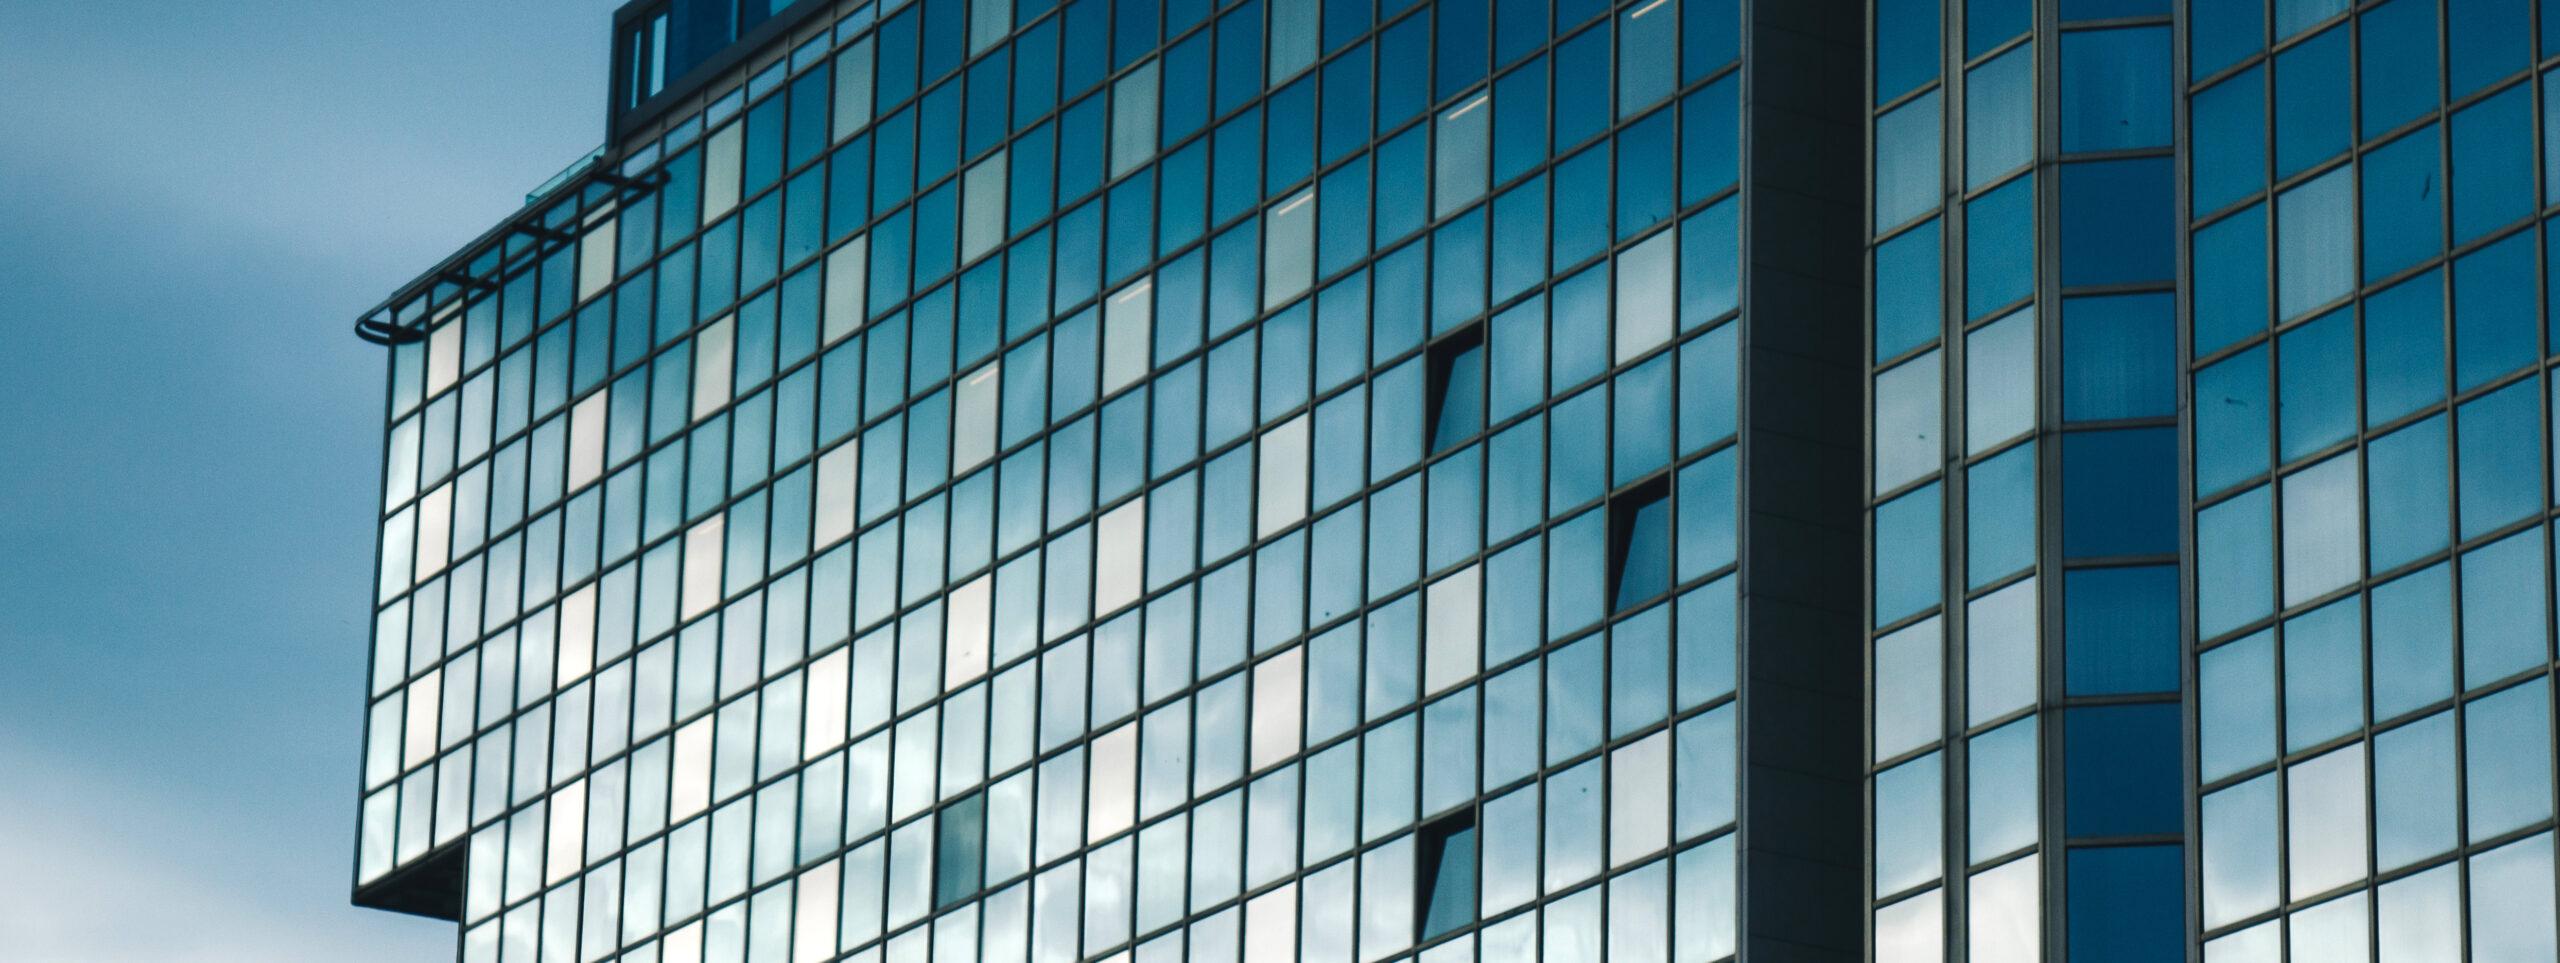 Glasreinigung München - Reinigungsfirma DEIN GLANZ